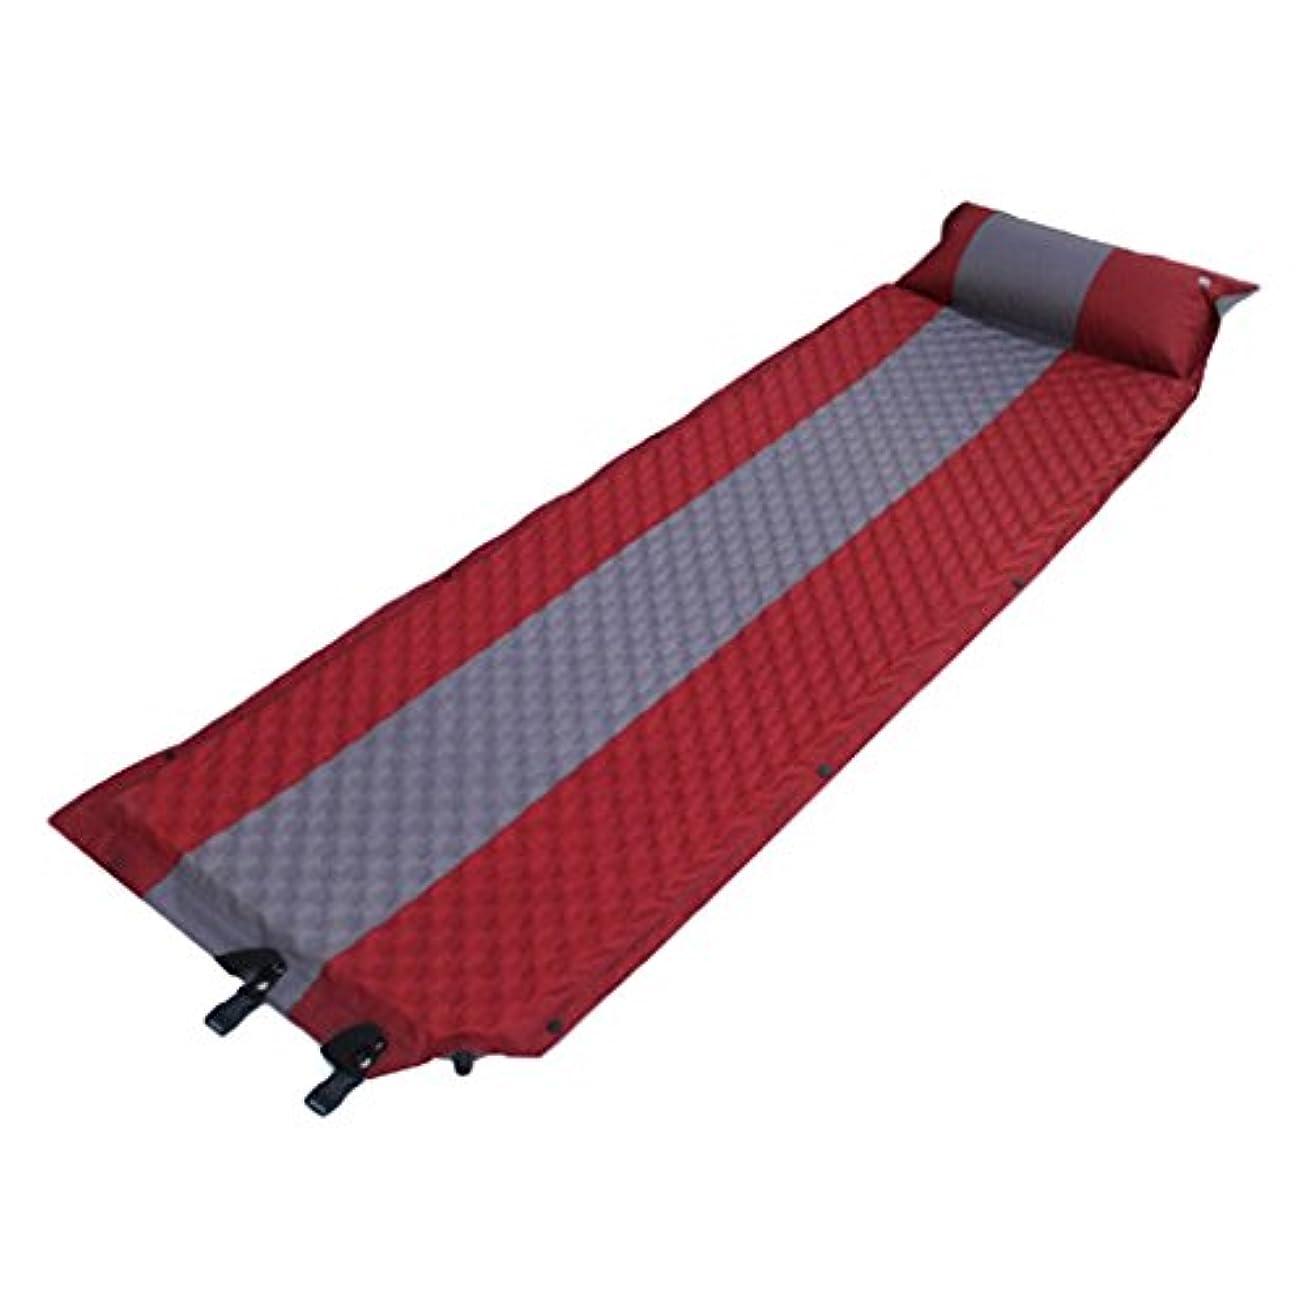 校長先駆者熟達DYNWAVE 屋外 キャンプ マット 睡眠マット 枕 インフレータブルパッド 防水 軽量 自己膨張